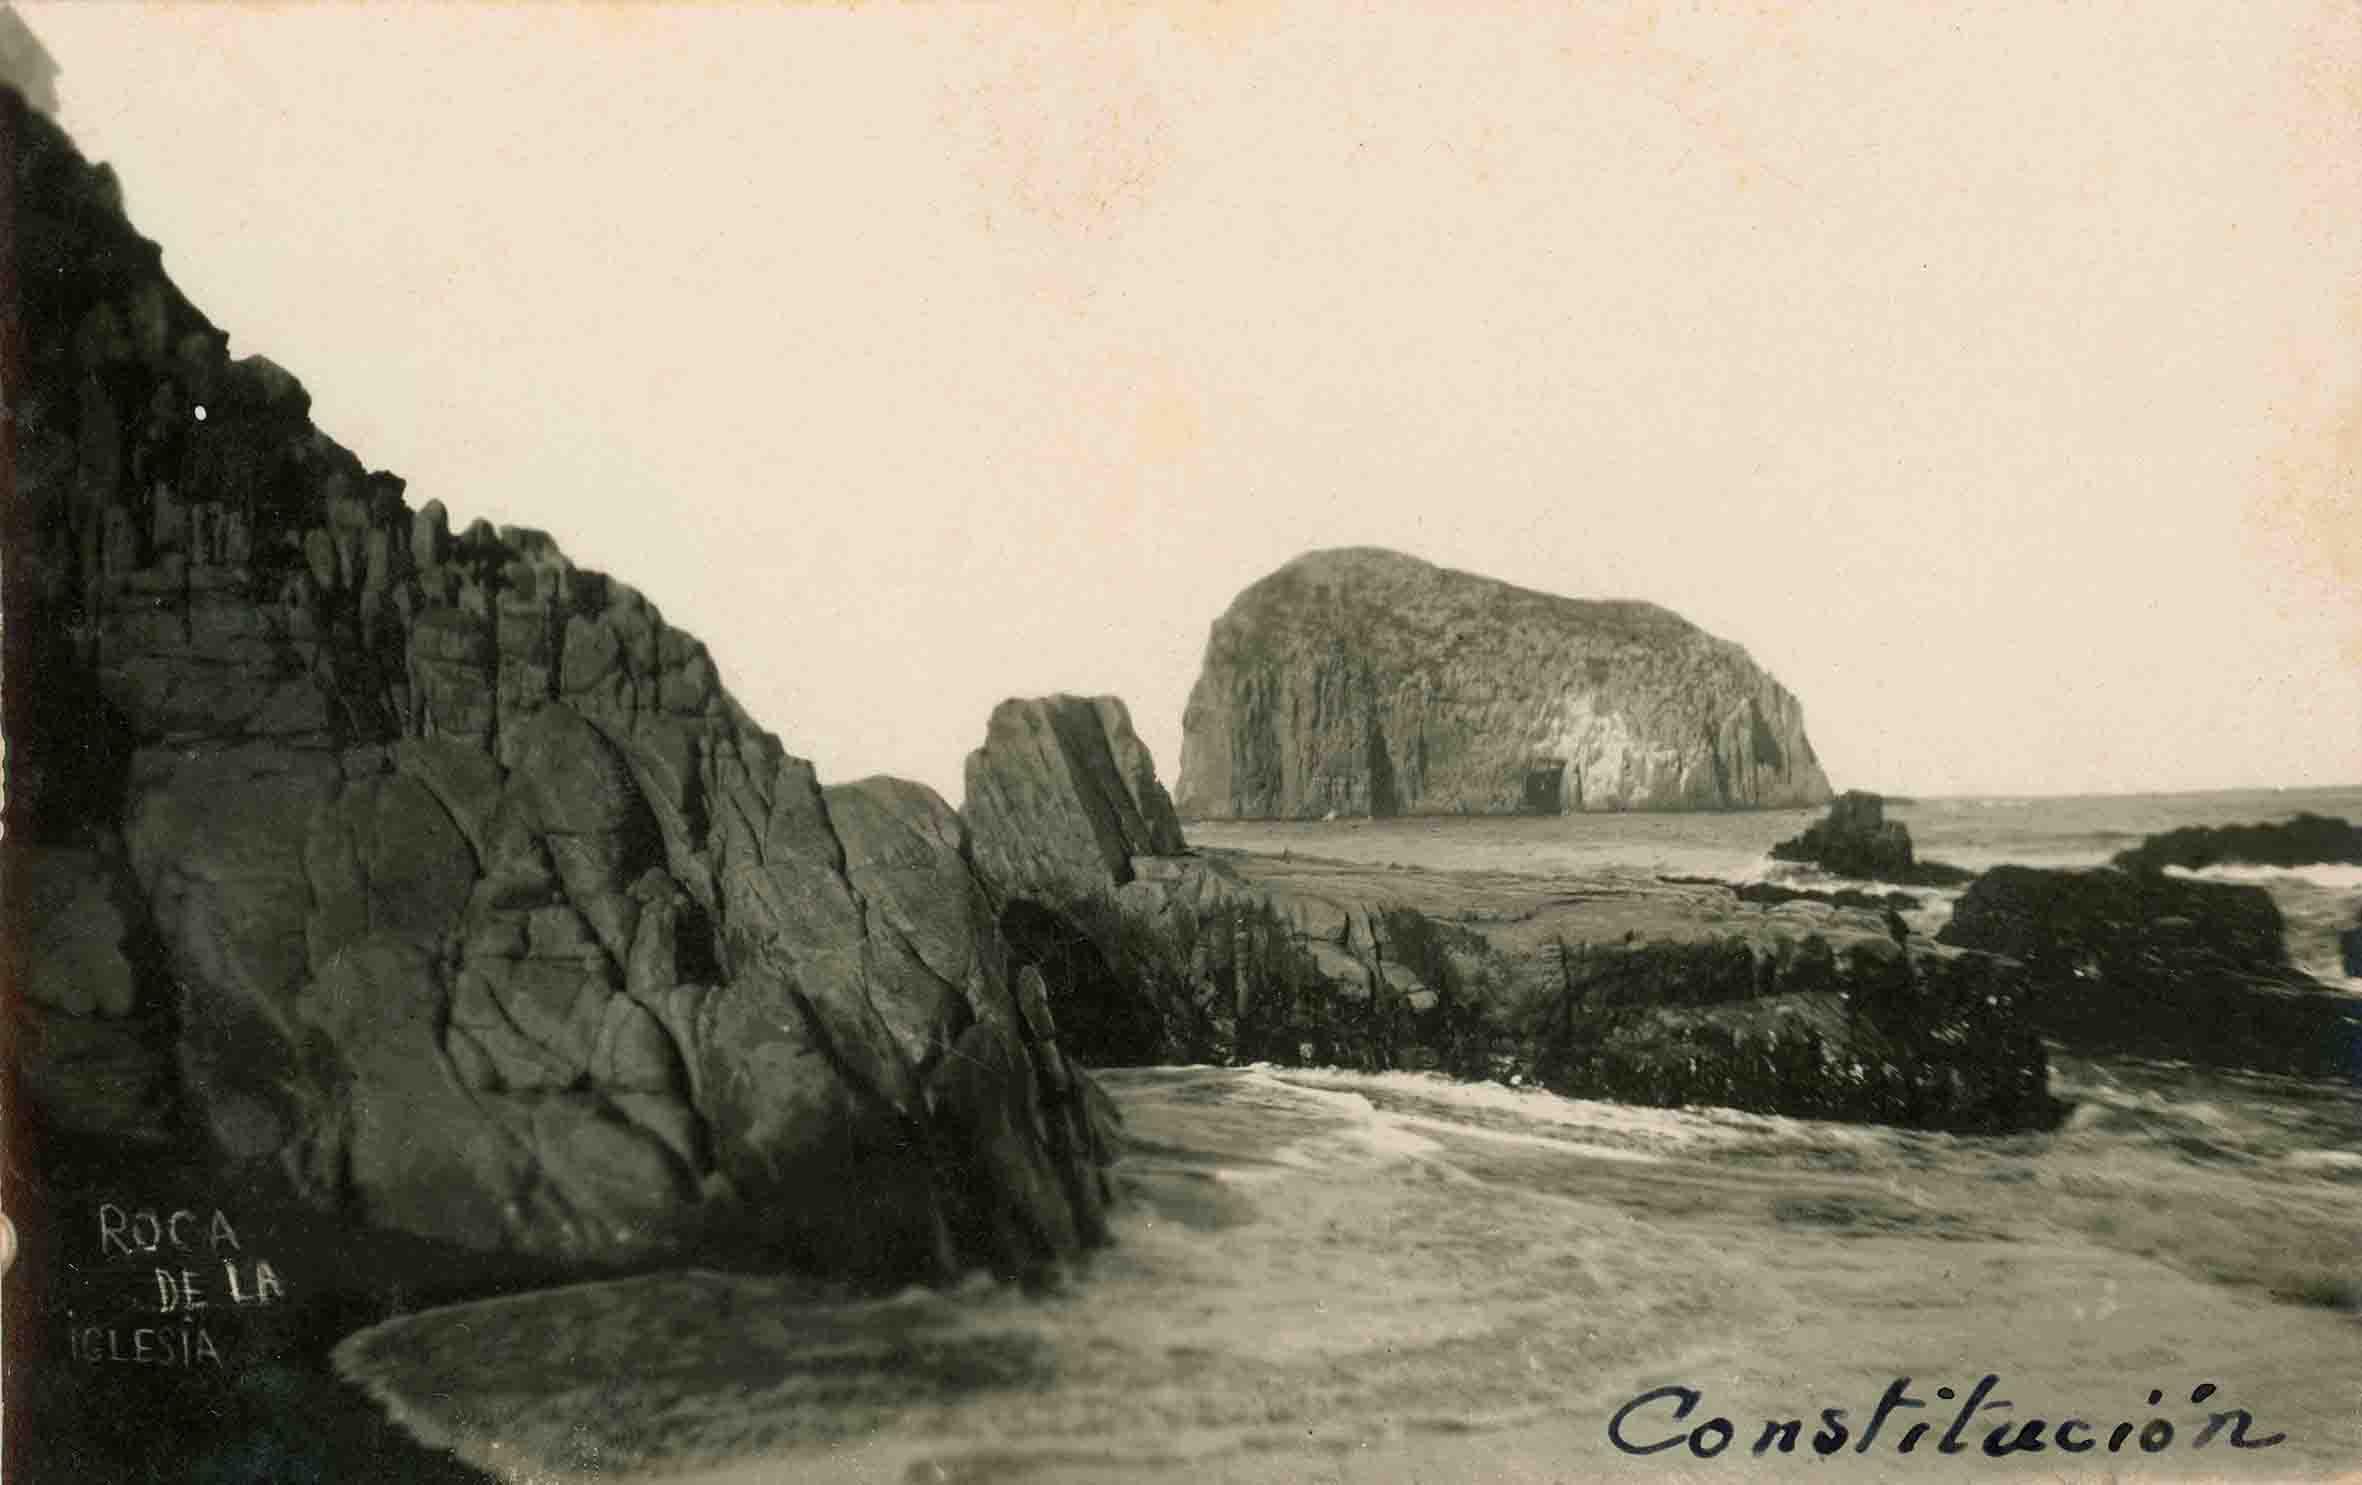 Enterreno - Fotos históricas de chile - fotos antiguas de Chile - Constitución ca. 1920